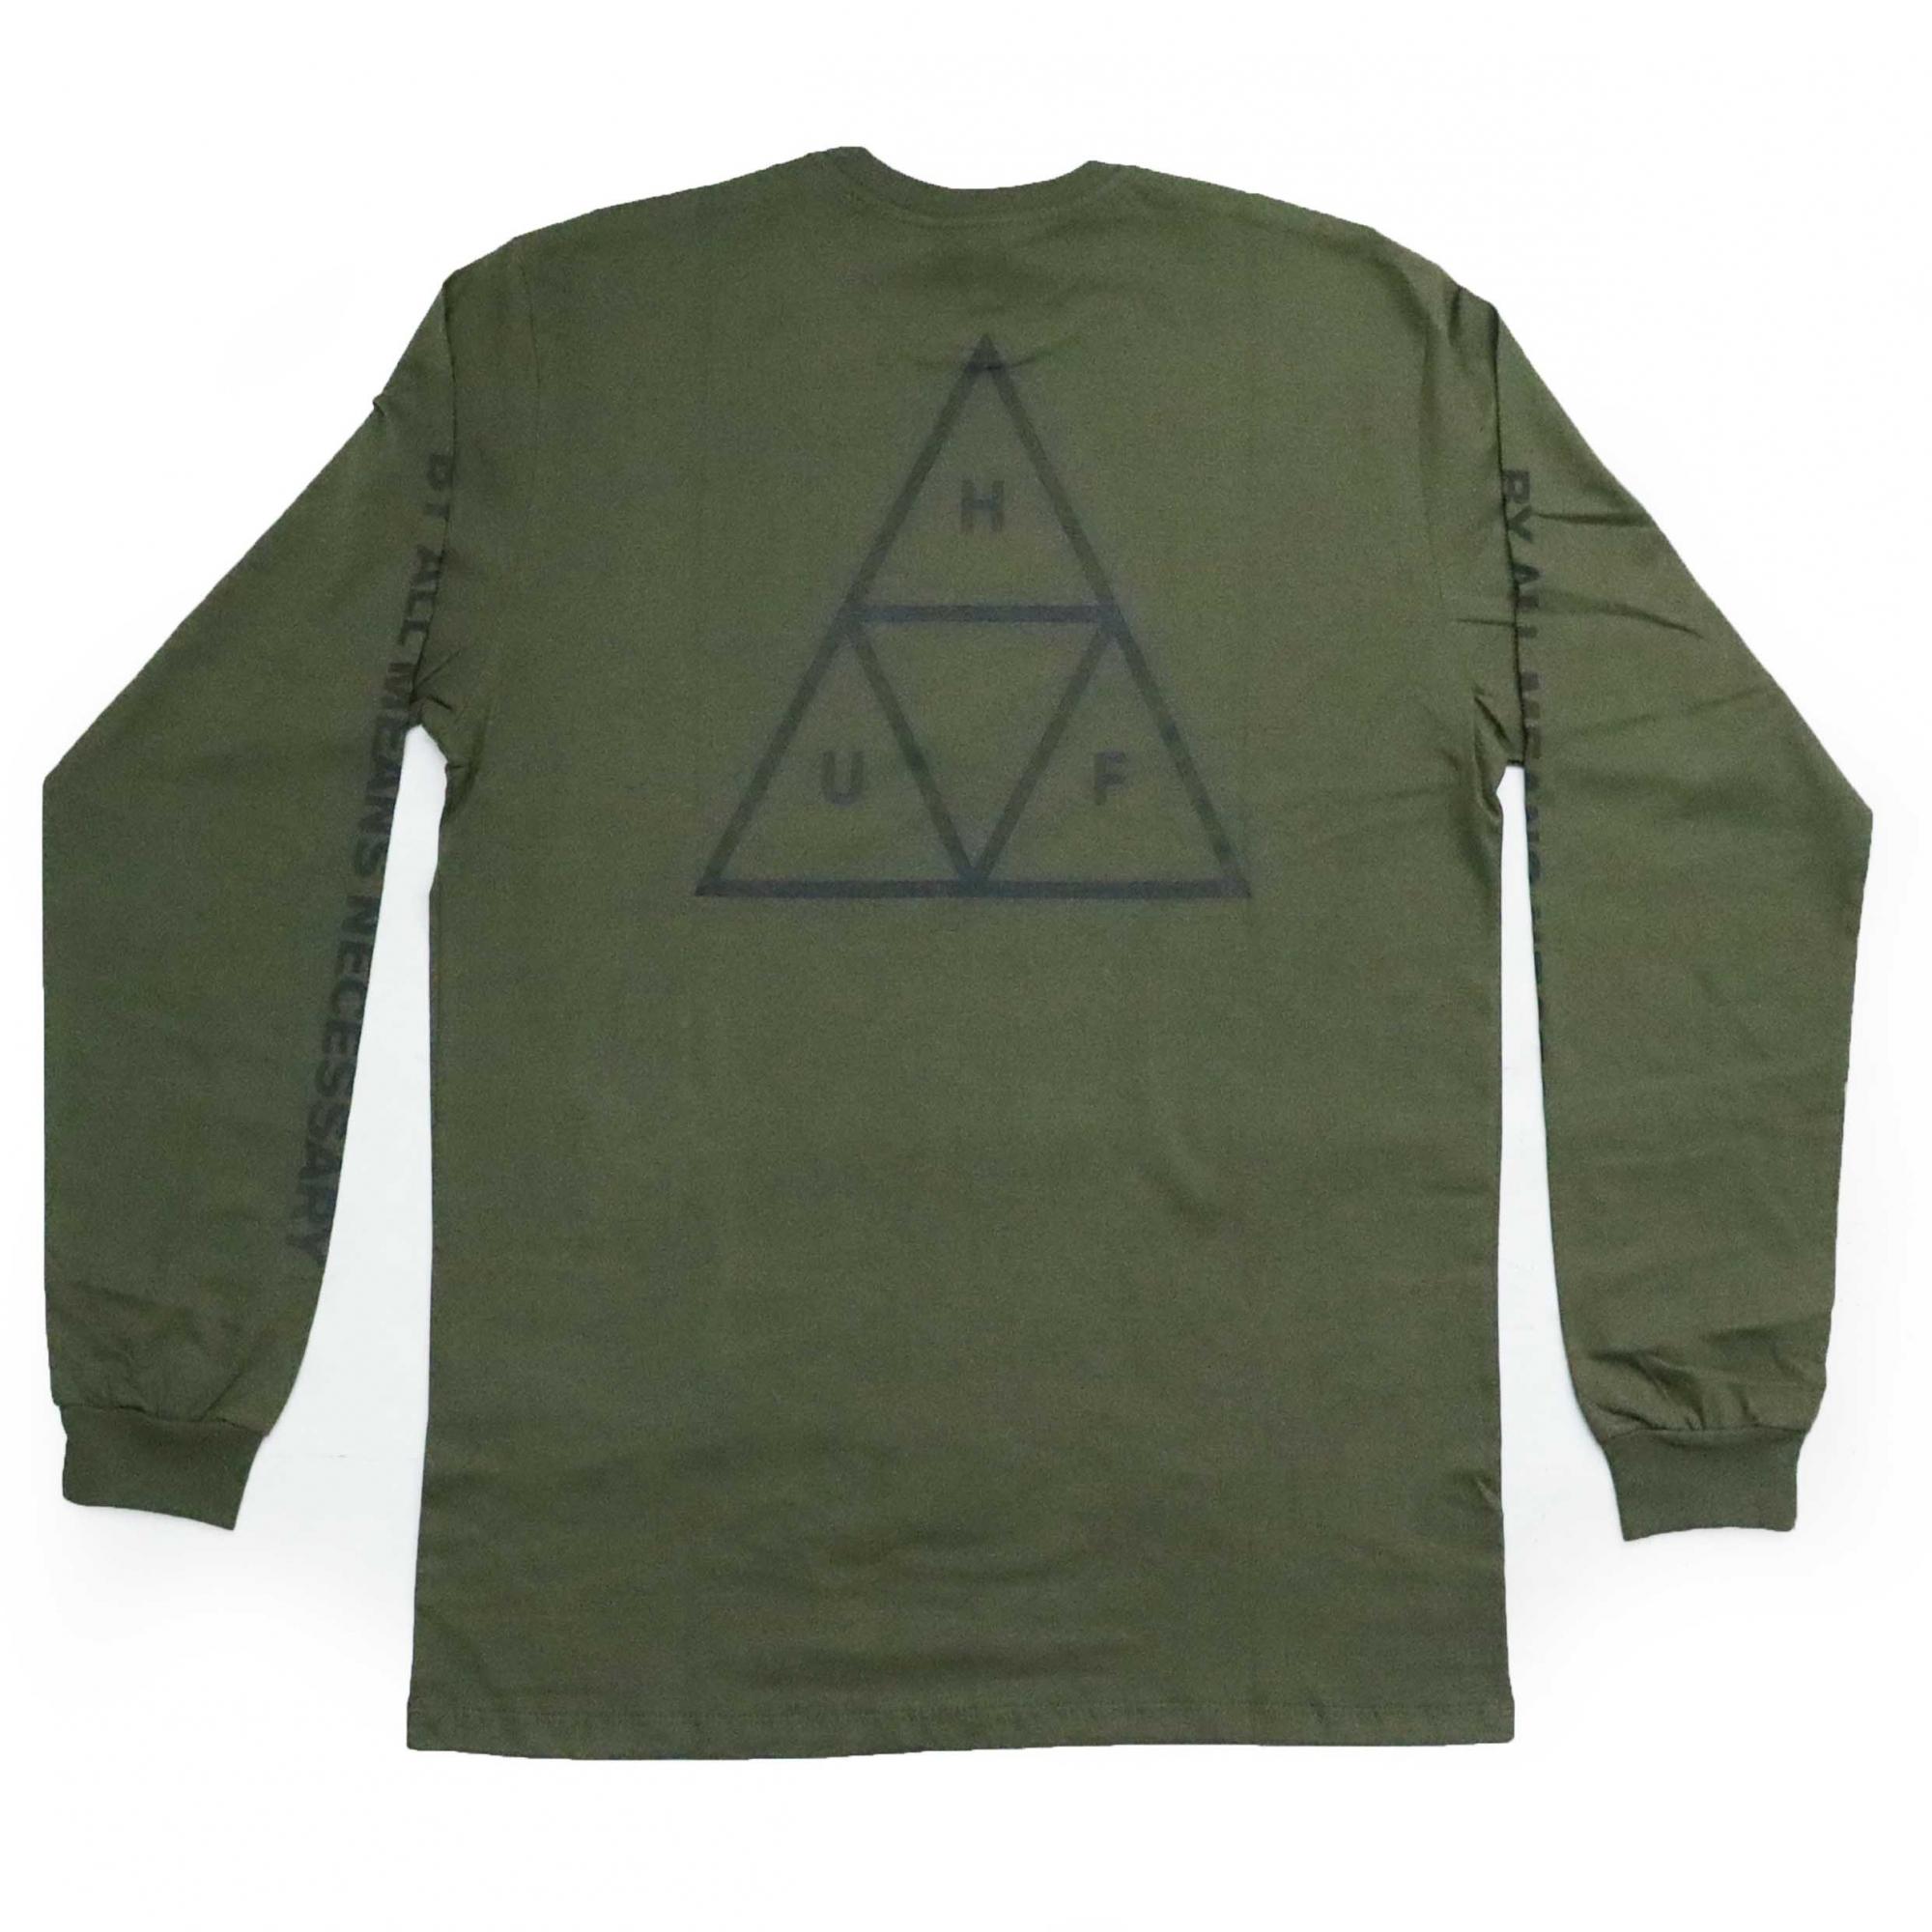 Camiseta Manga Longa HUF Essentials TT - Verde Militar